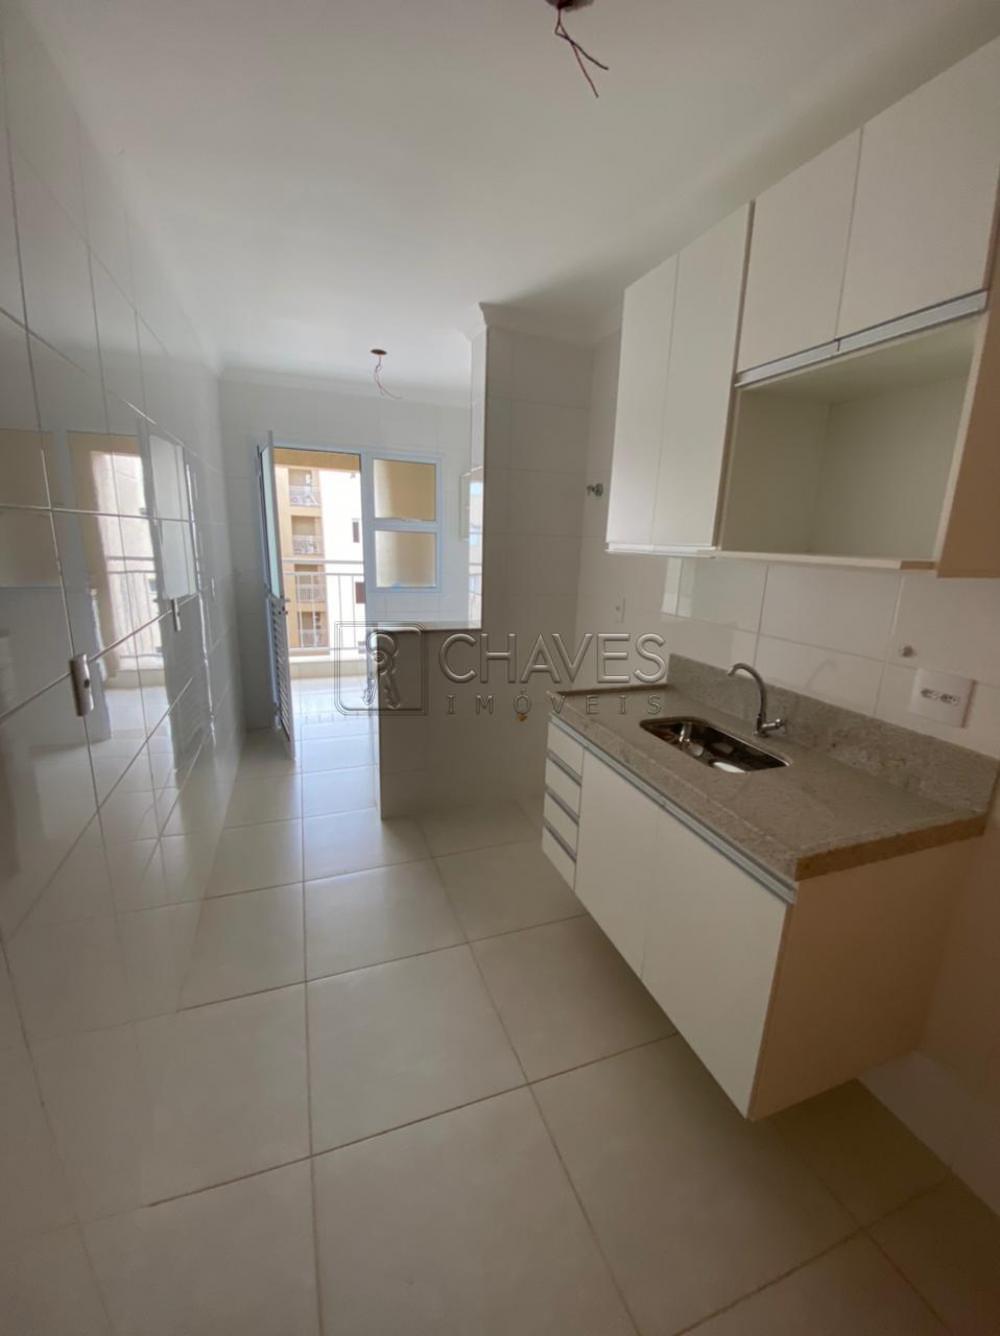 Comprar Apartamento / Padrão em Ribeirão Preto R$ 420.000,00 - Foto 14